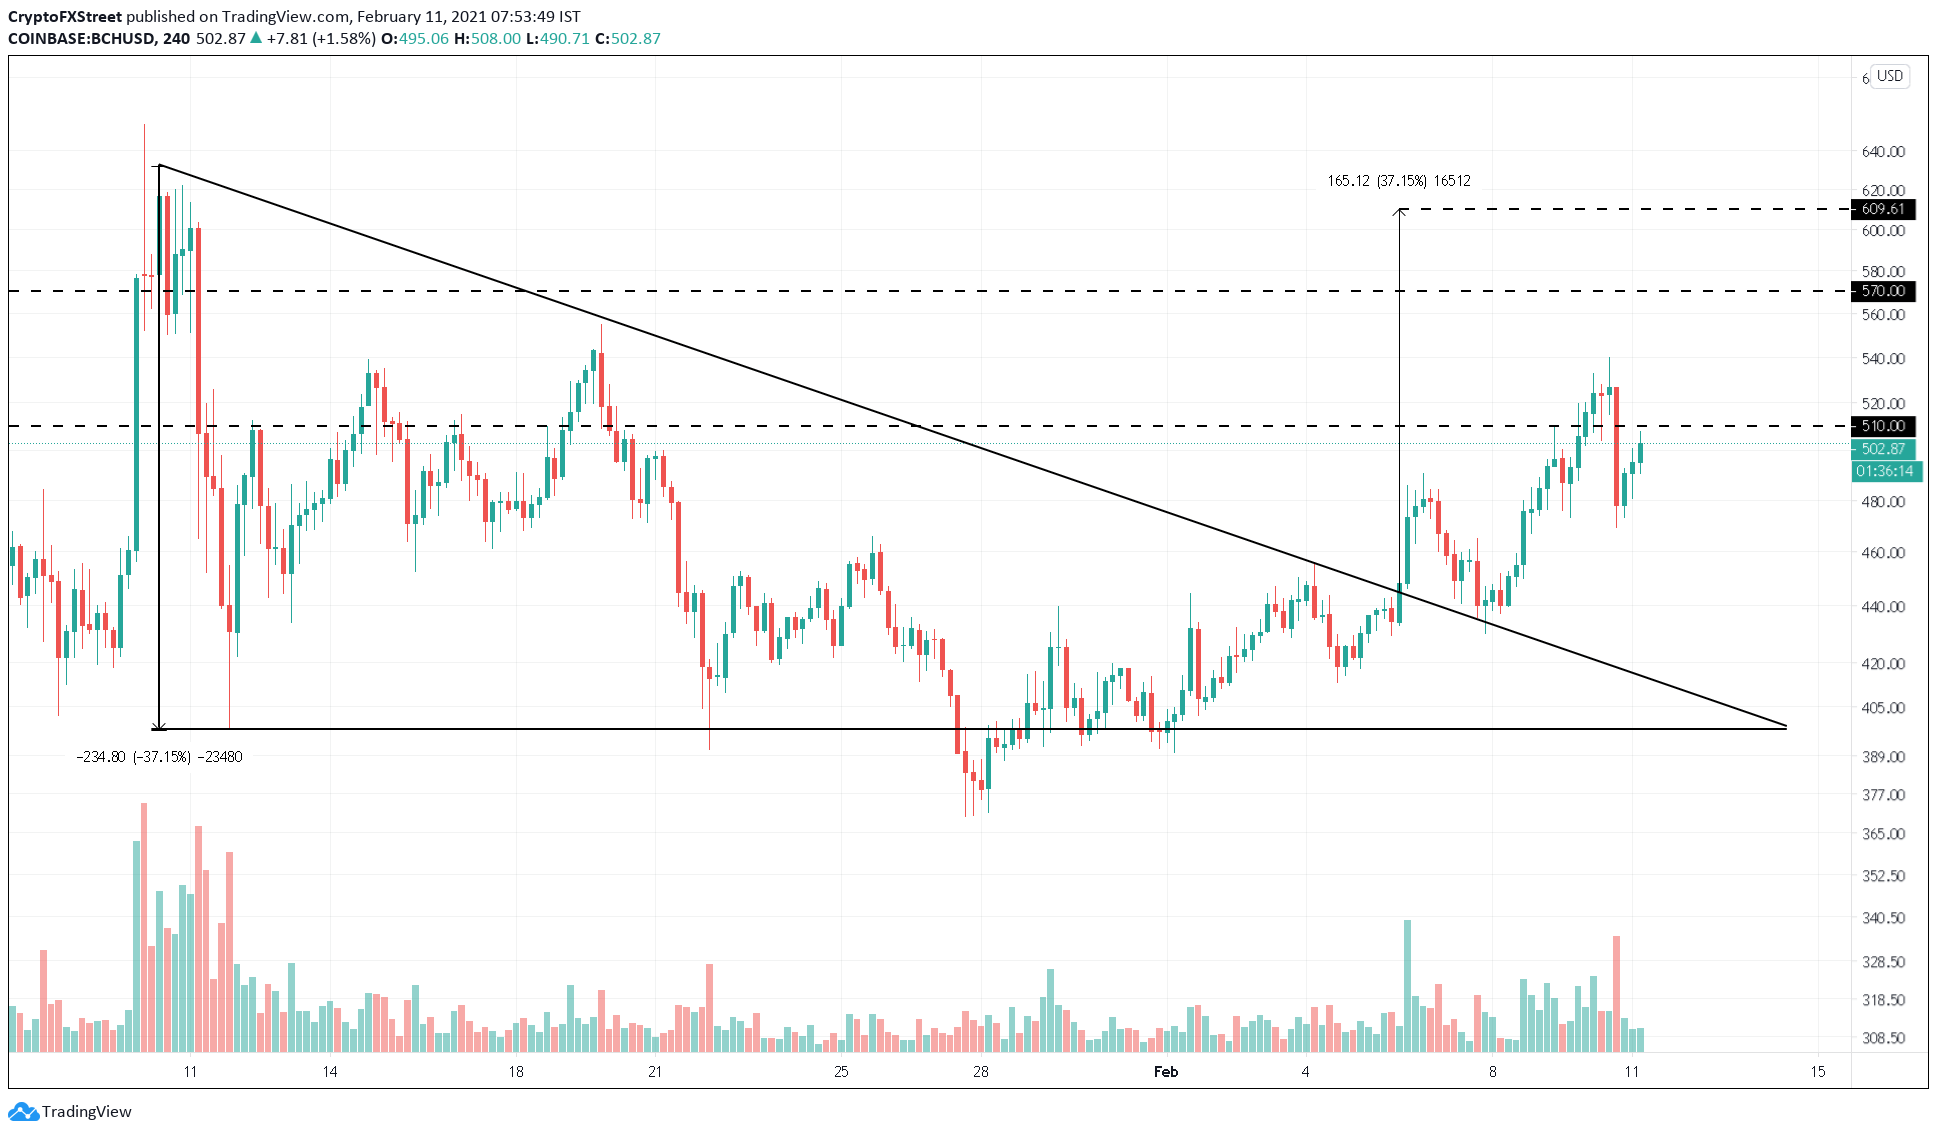 BCH/USD 4-hour chart